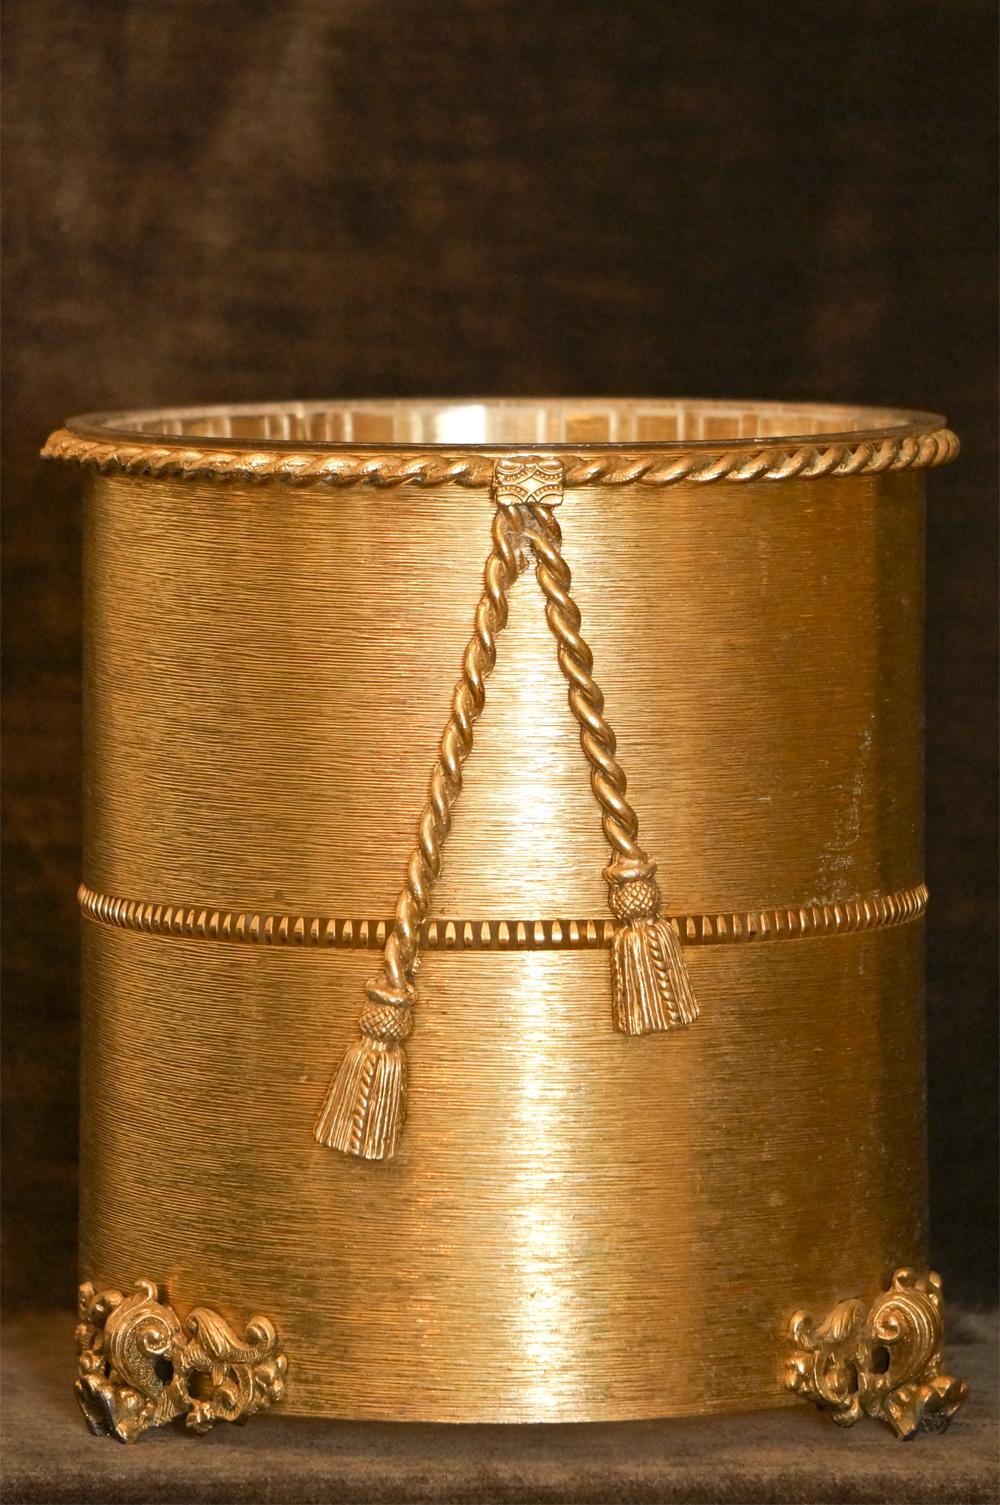 Sold:スタイルビルト製 ゴールド ロープ ゴミ箱